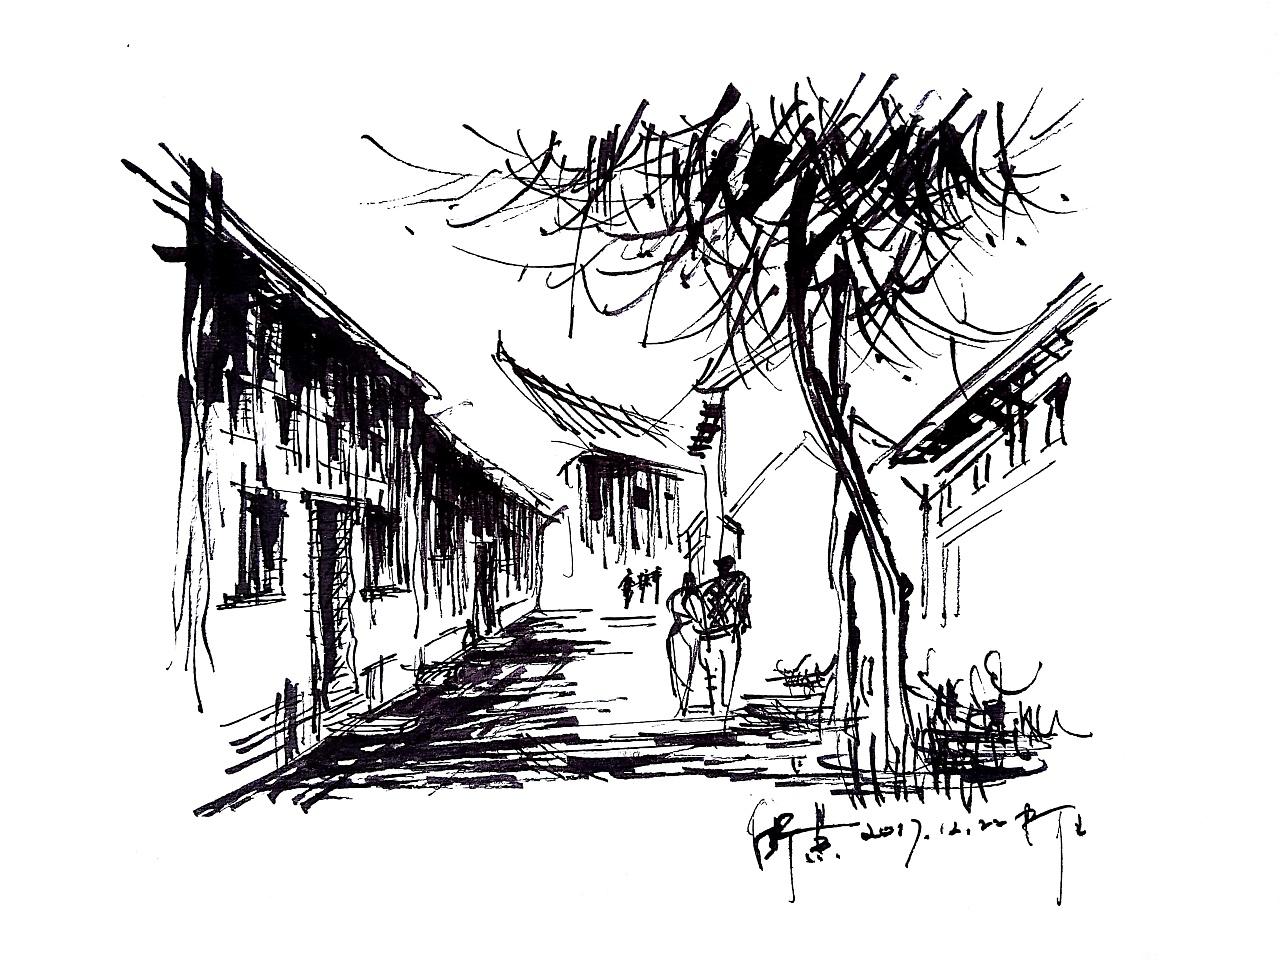 速写建筑阿王速写风景钢笔画